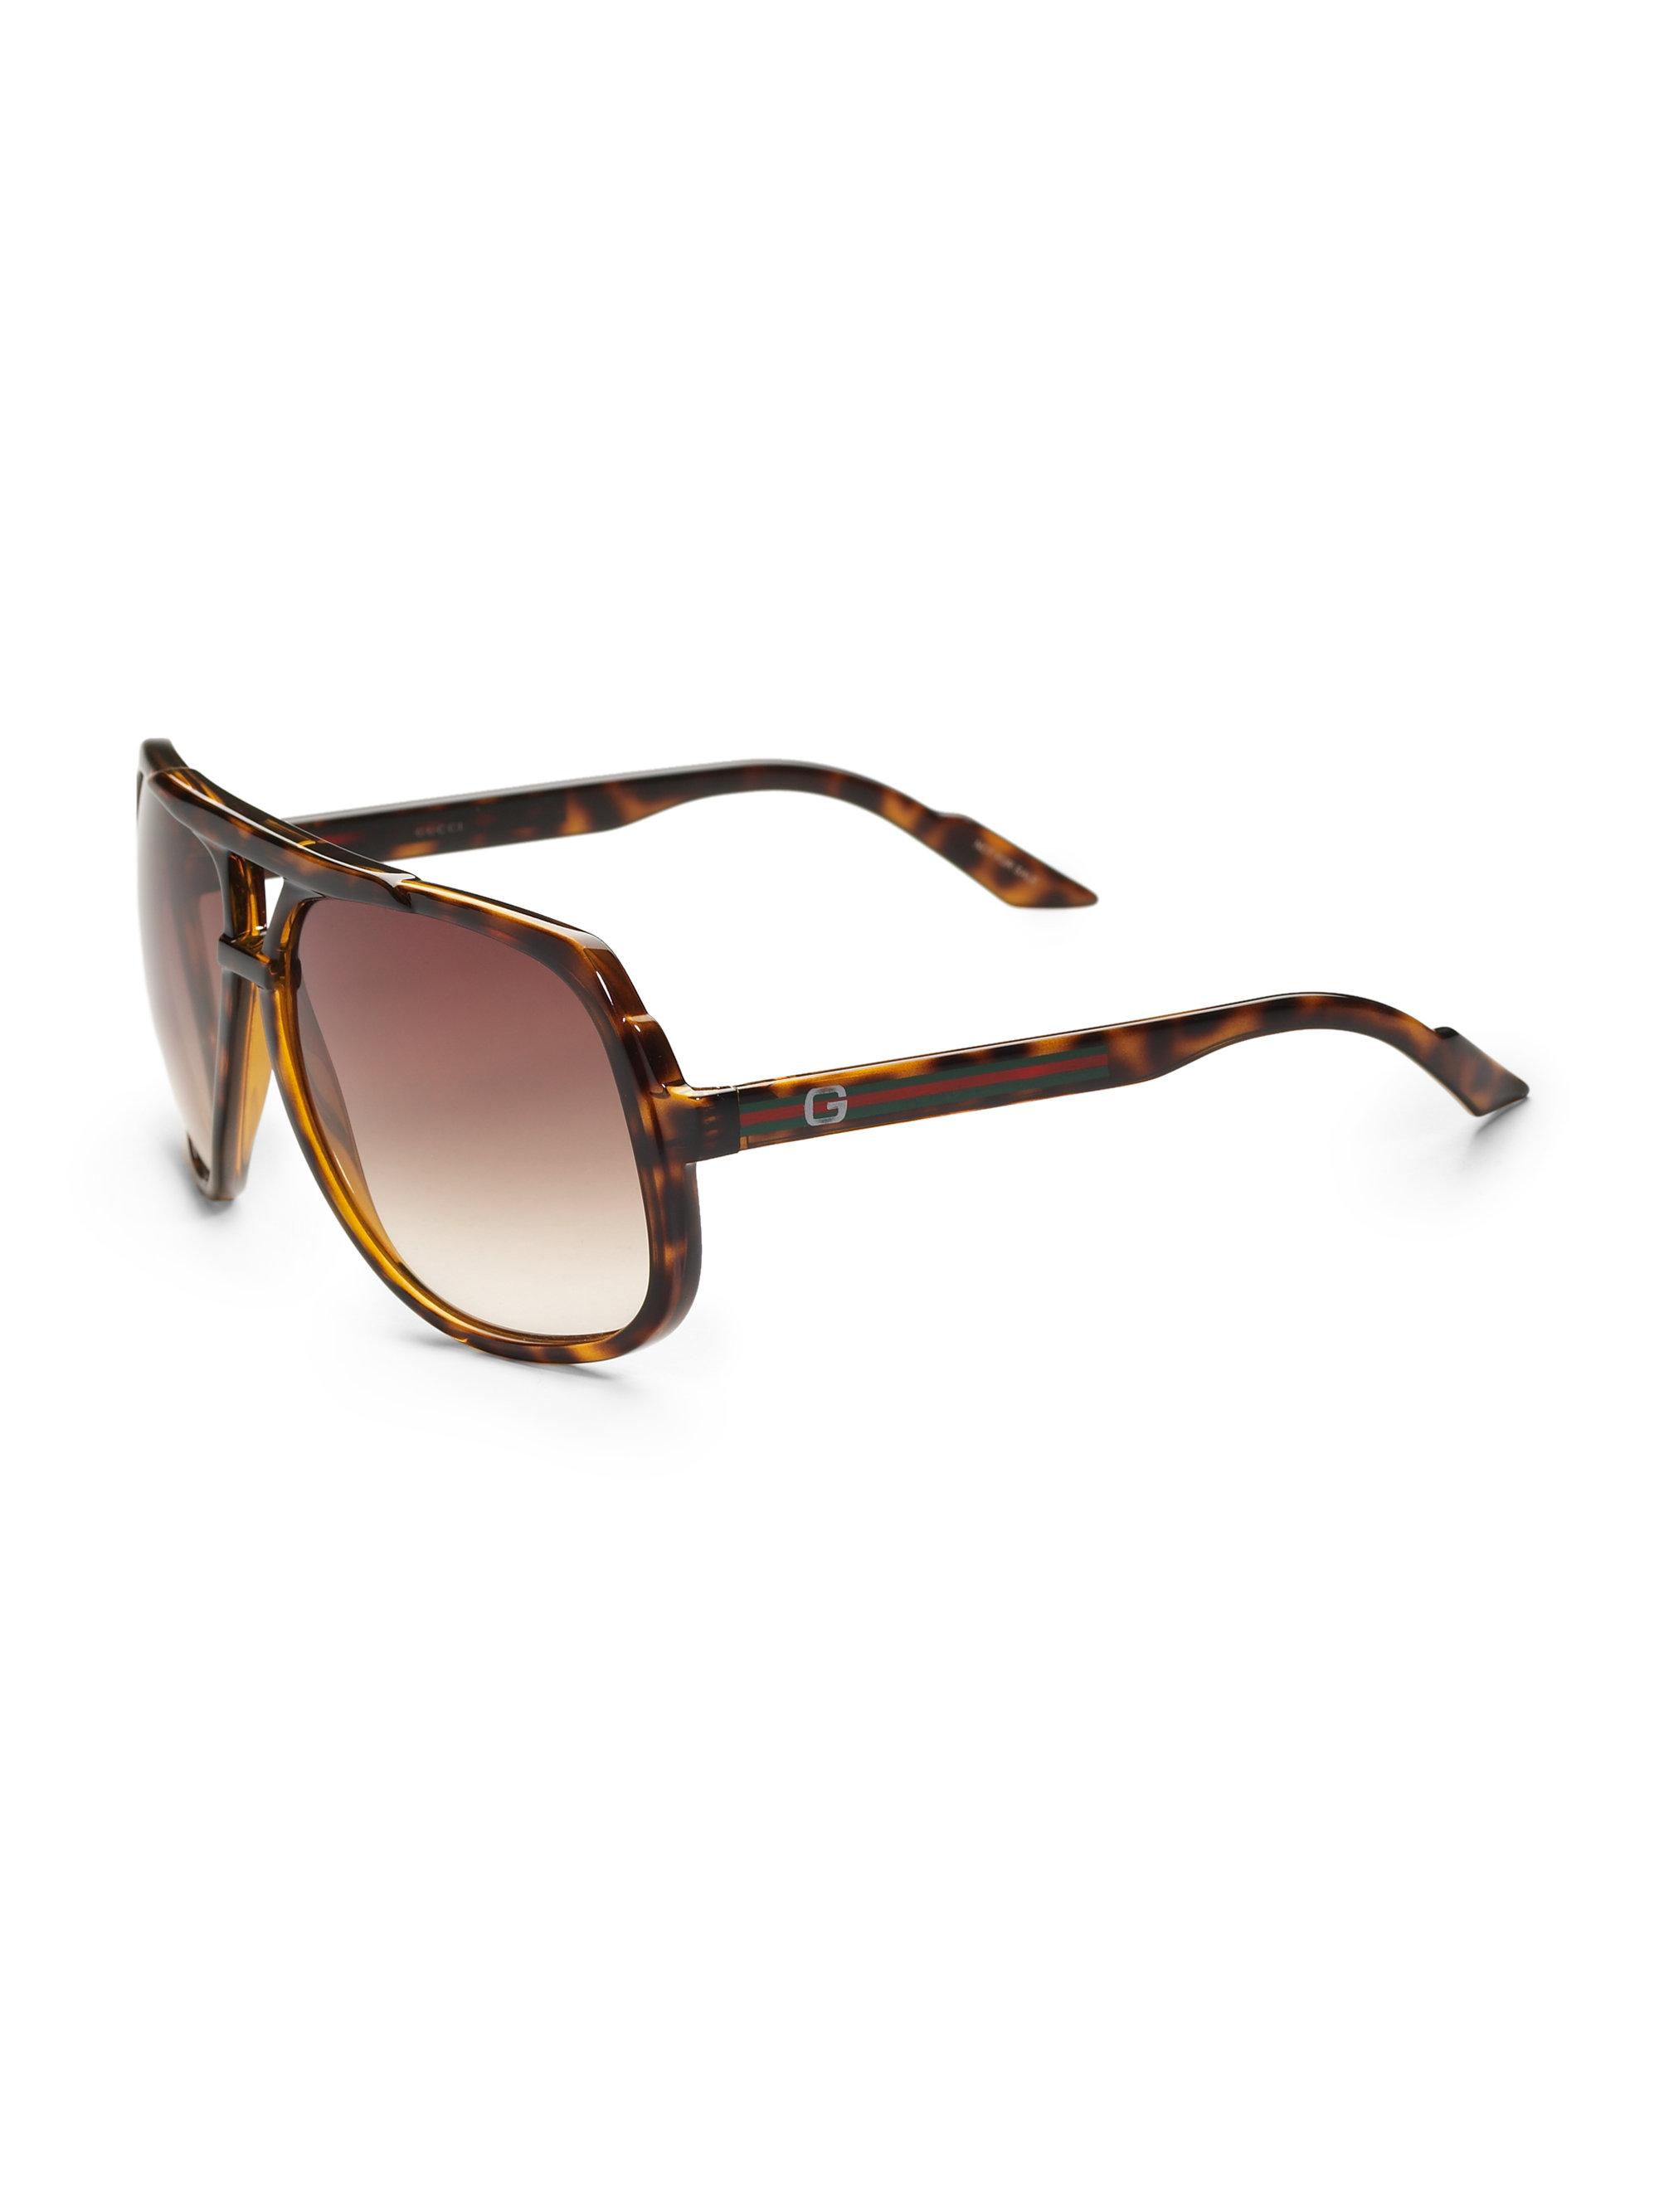 24b82674ec Carrera Plastic Aviator Sunglasses 53 0086 Havana W6. Gallery. Lyst Gucci Plastic  Aviator Sunglasses In Brown For Men